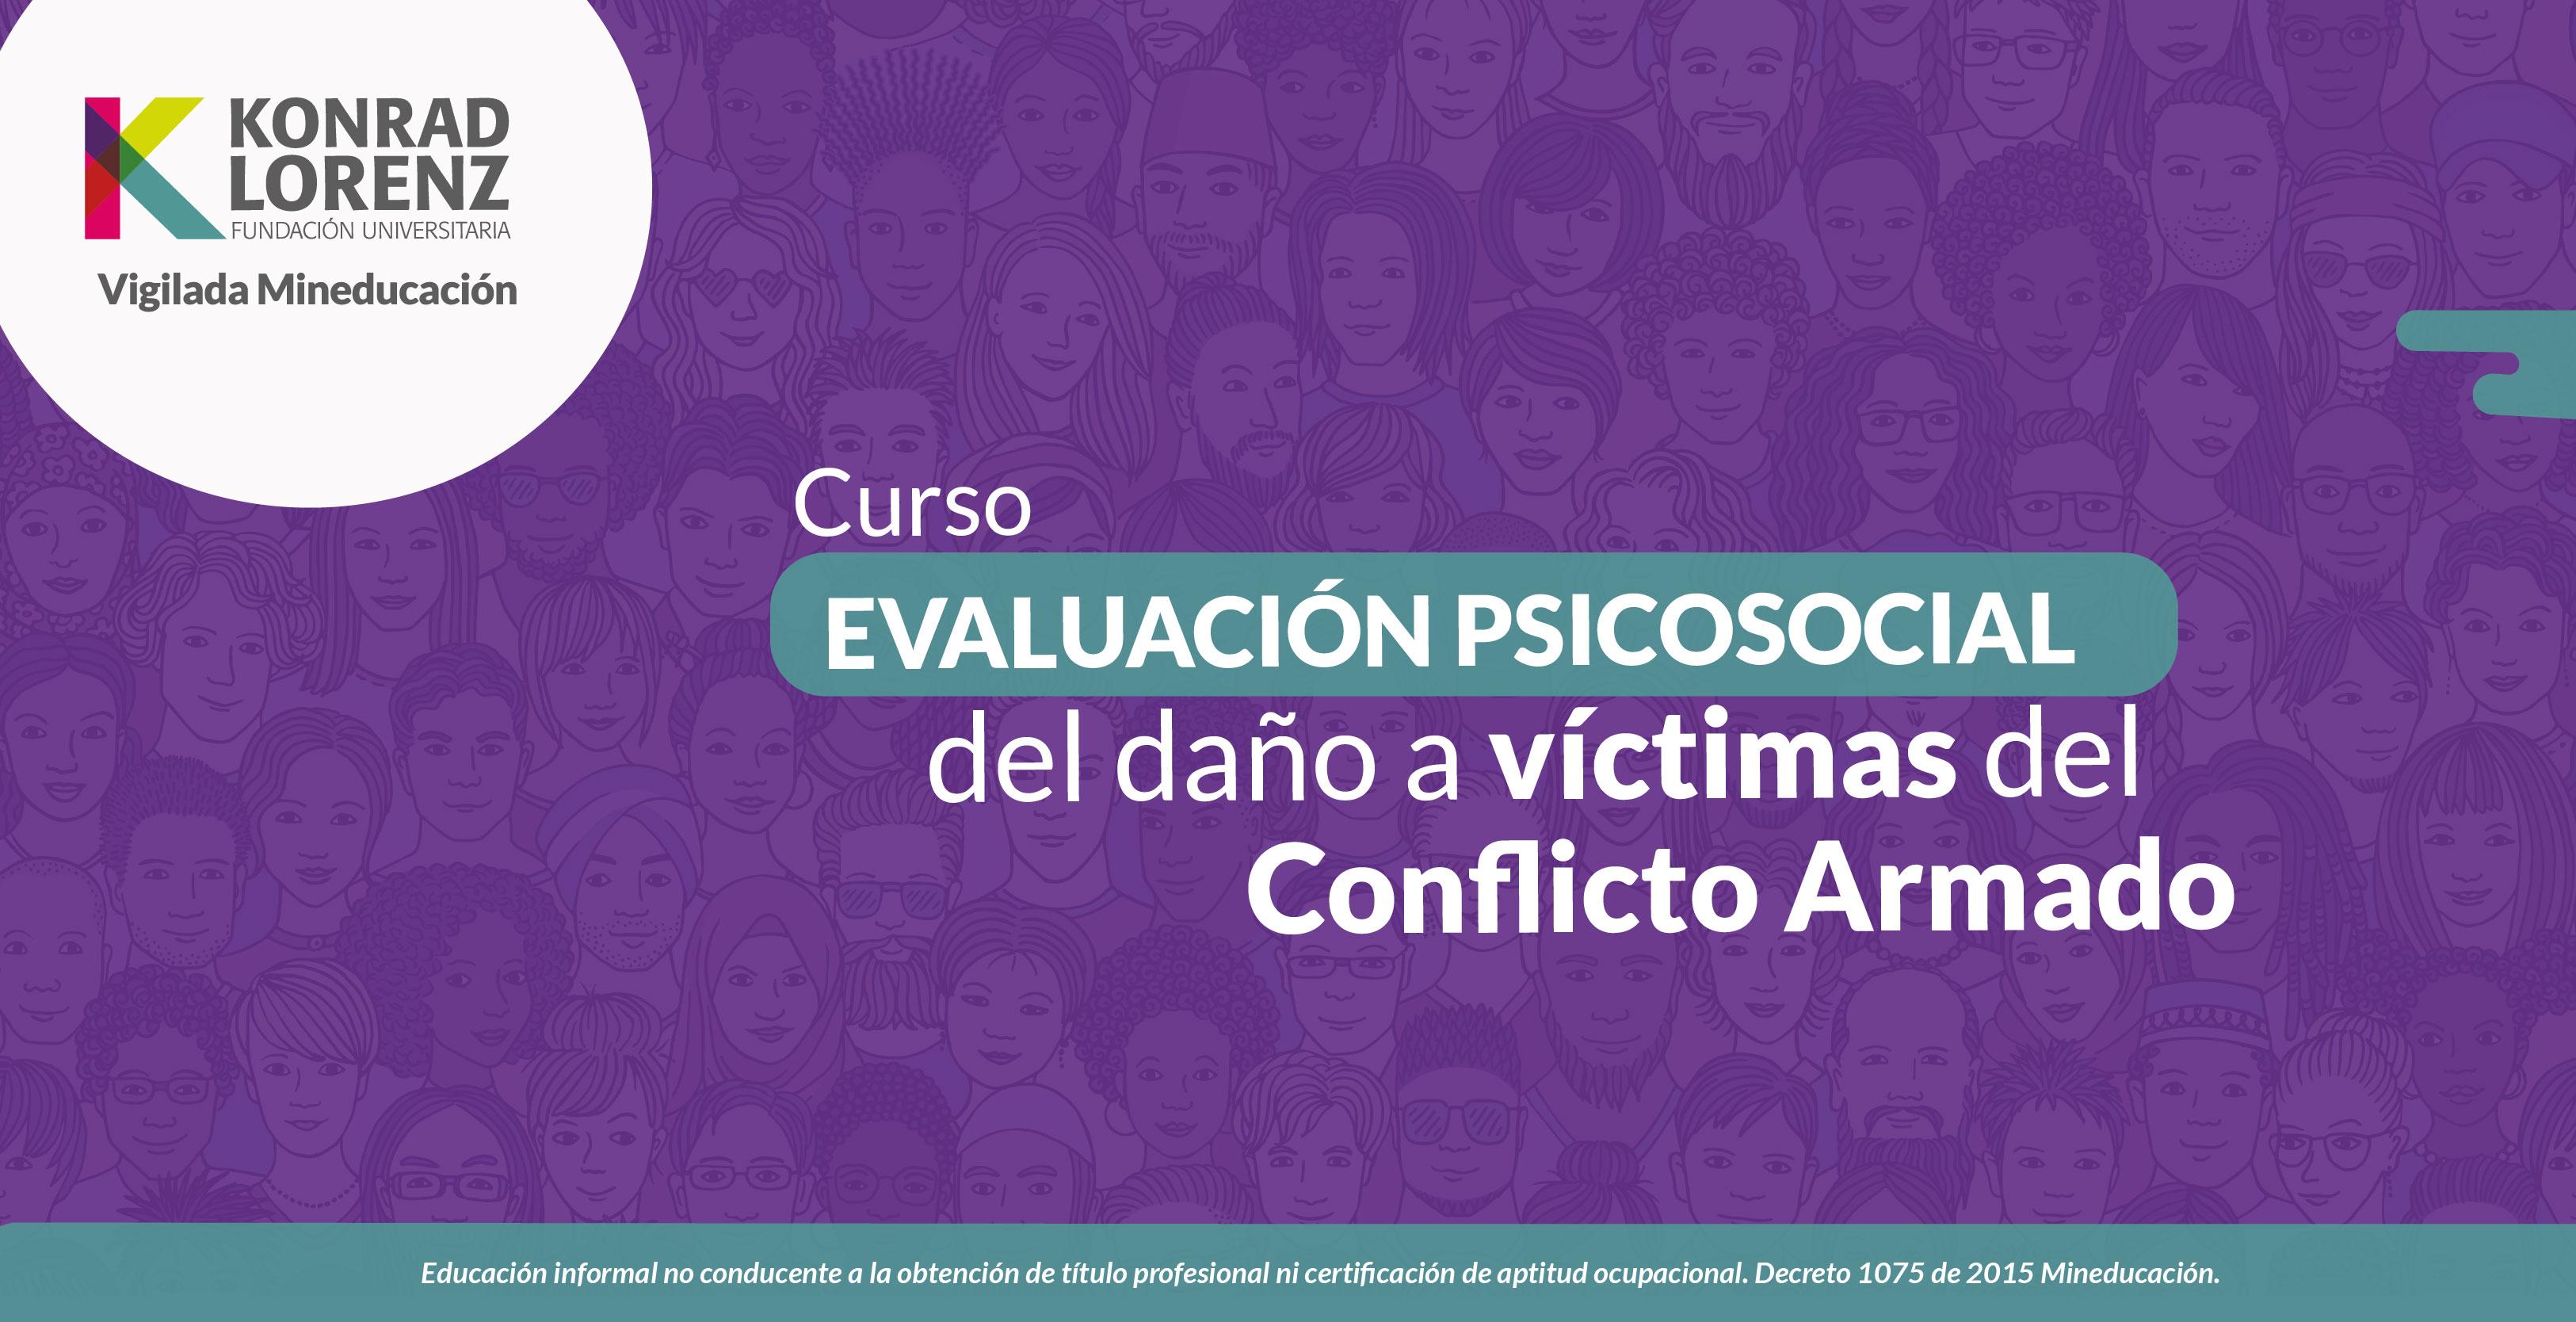 Evaluación psicosocial del daño a víctimas del Conflicto Armado